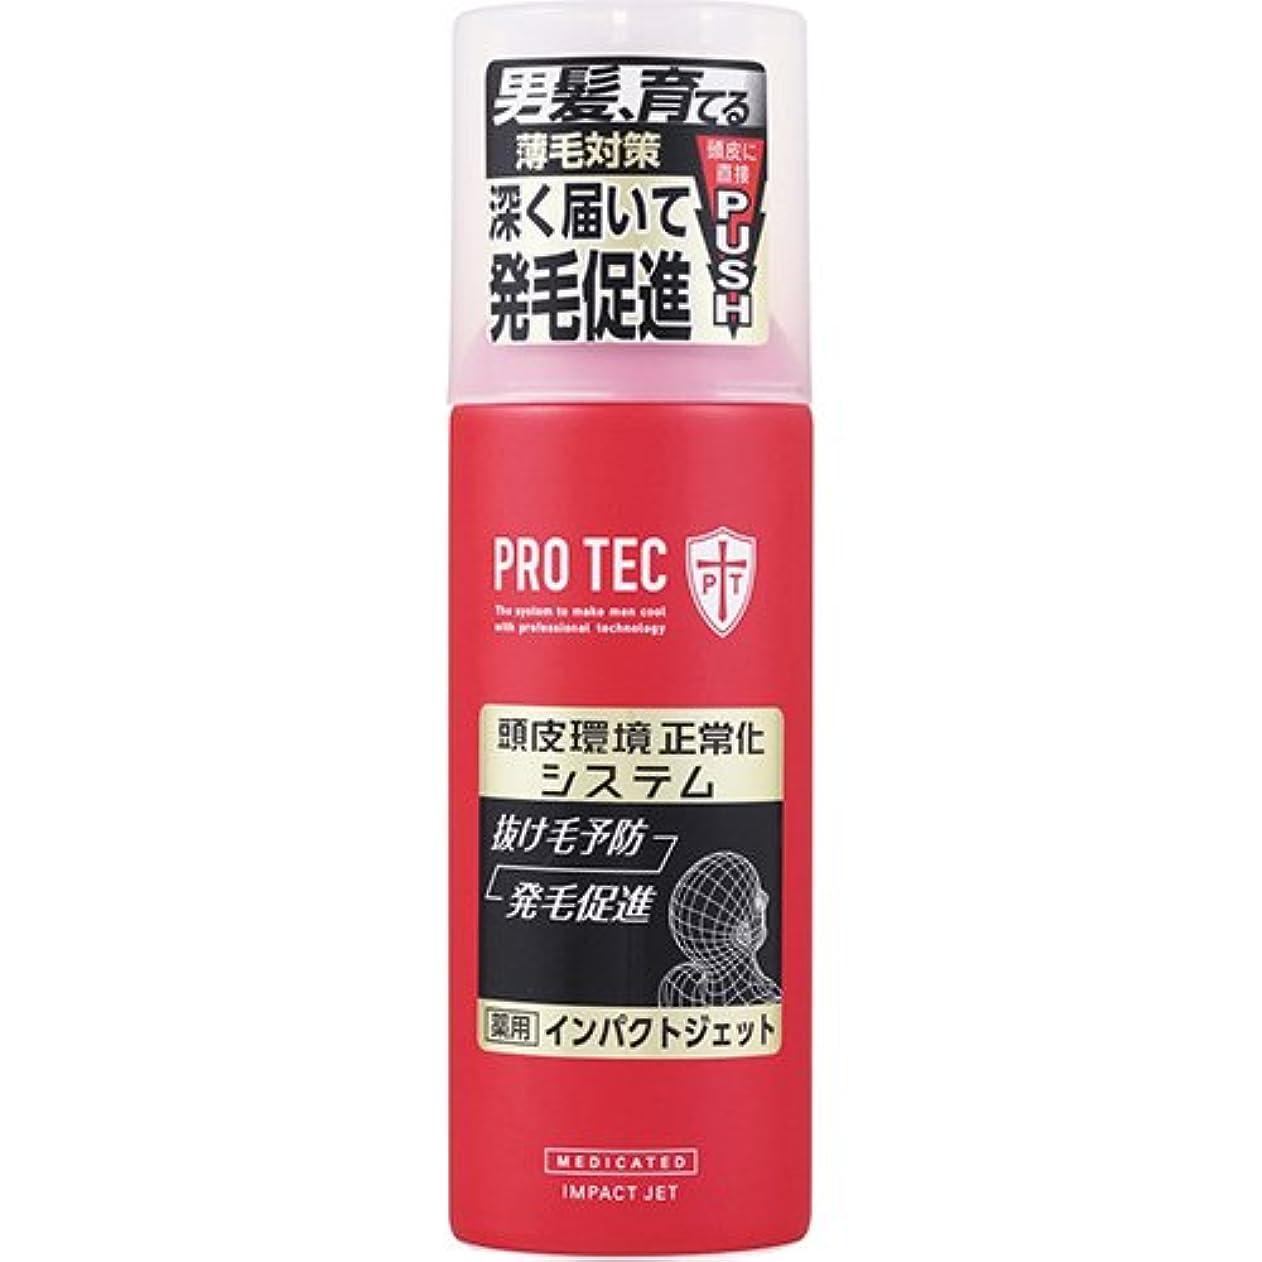 ドナー効能協力的PRO TEC インパクトジェット 150g